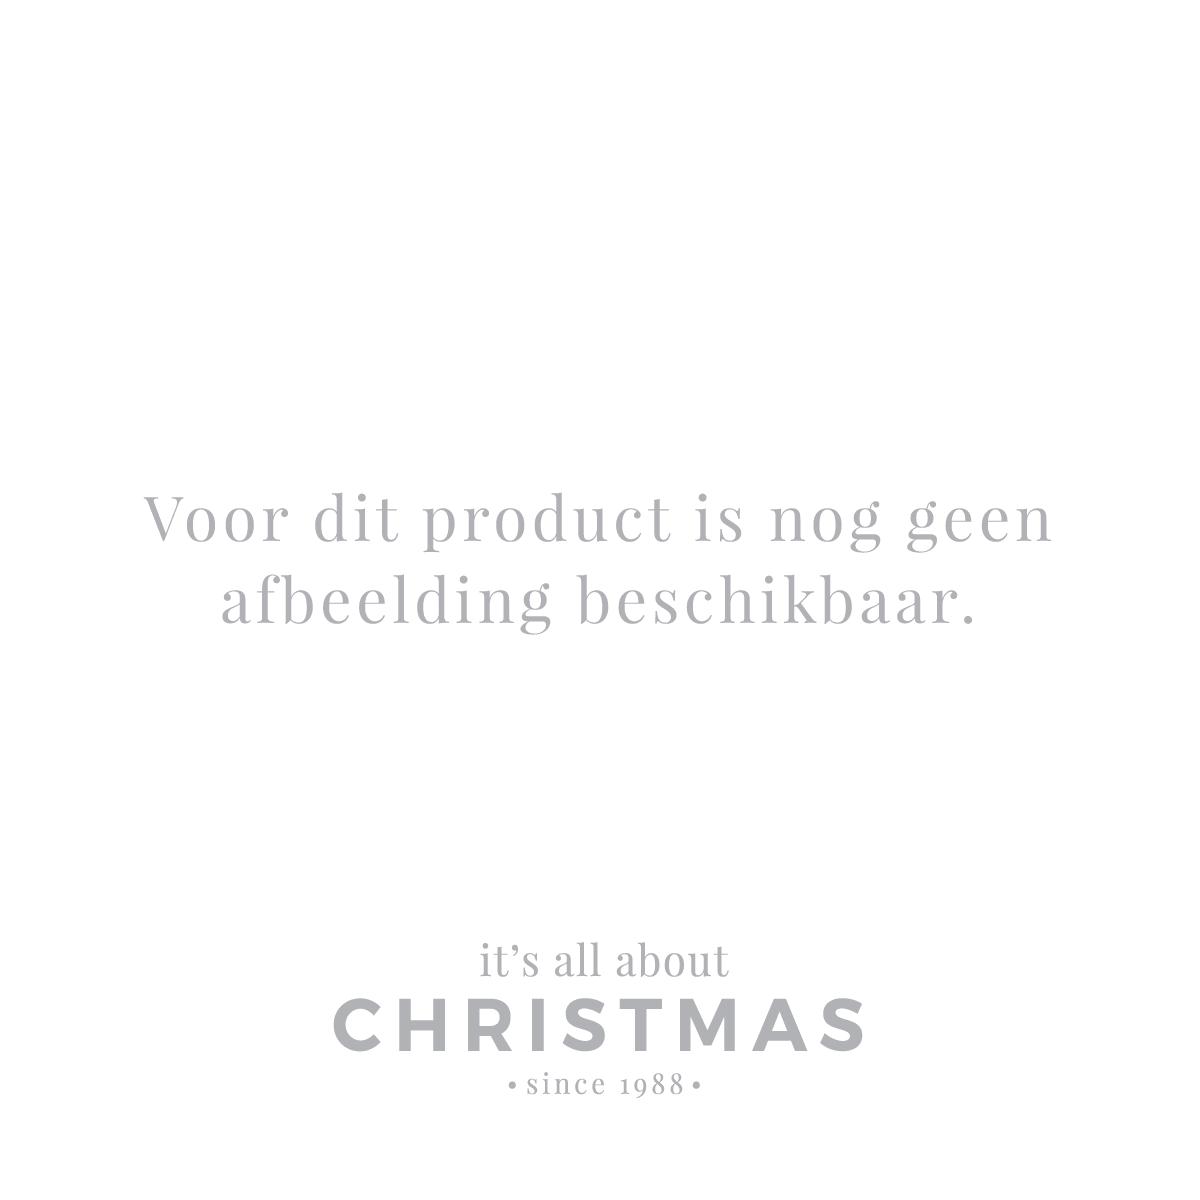 Grote kunststof kerstballen zwart-wit mix 44 stuks